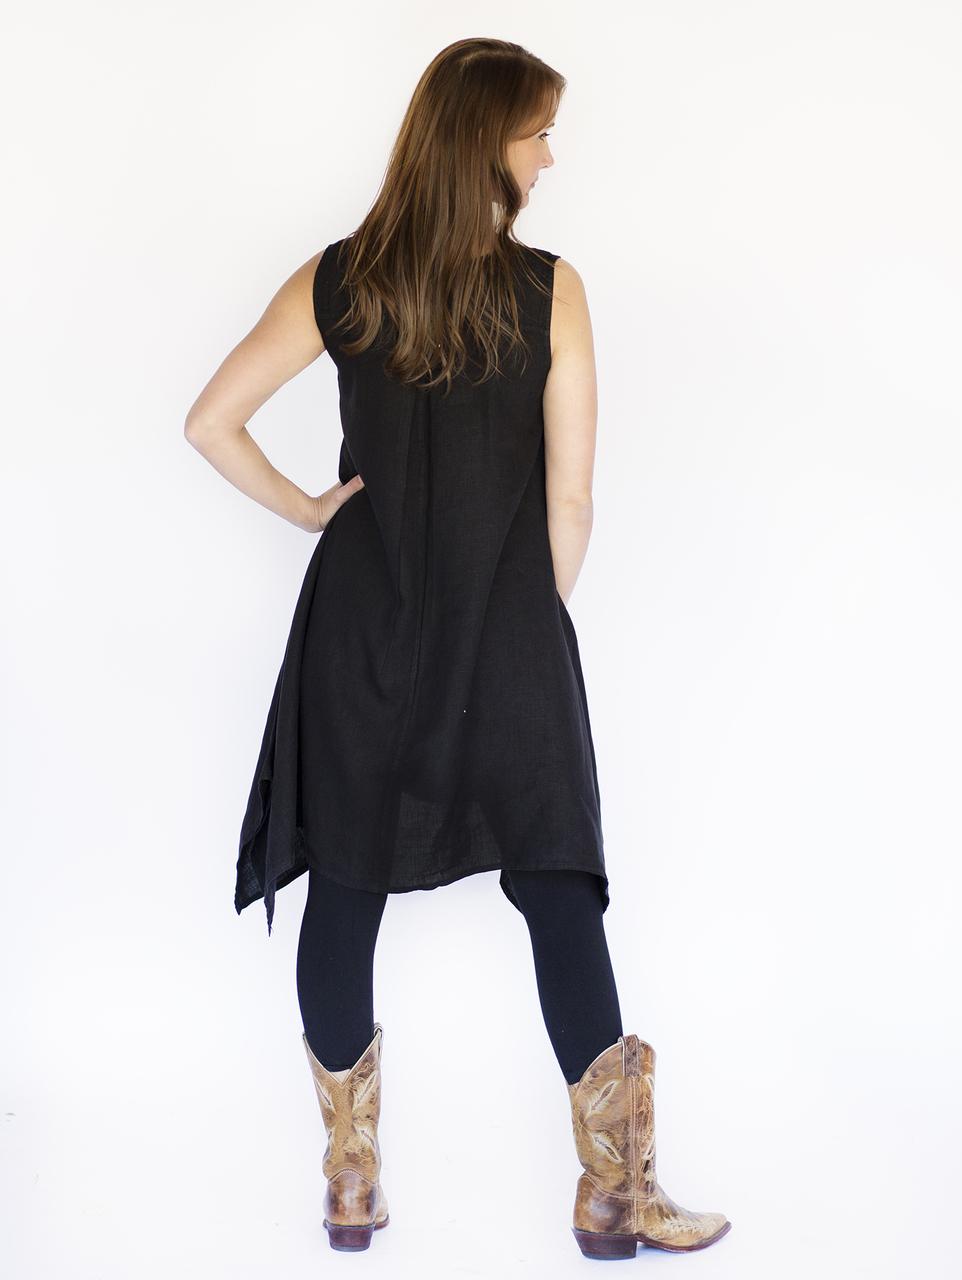 Mona Lisa Vest - Black